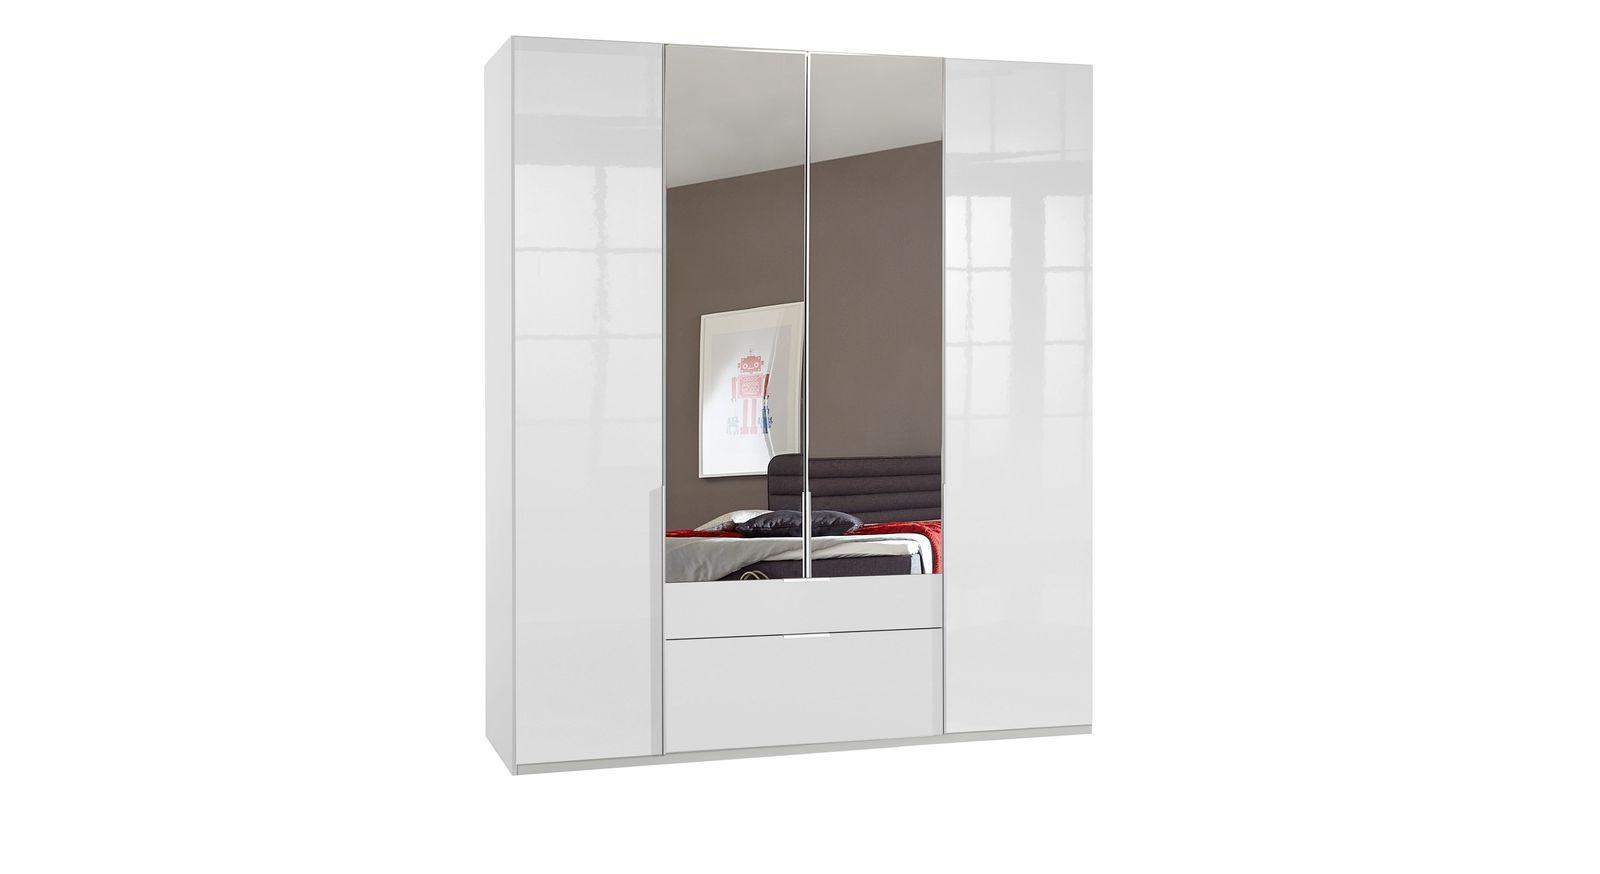 Funktions-Kleiderschrank Esperia optional mit Spiegel erhältlich